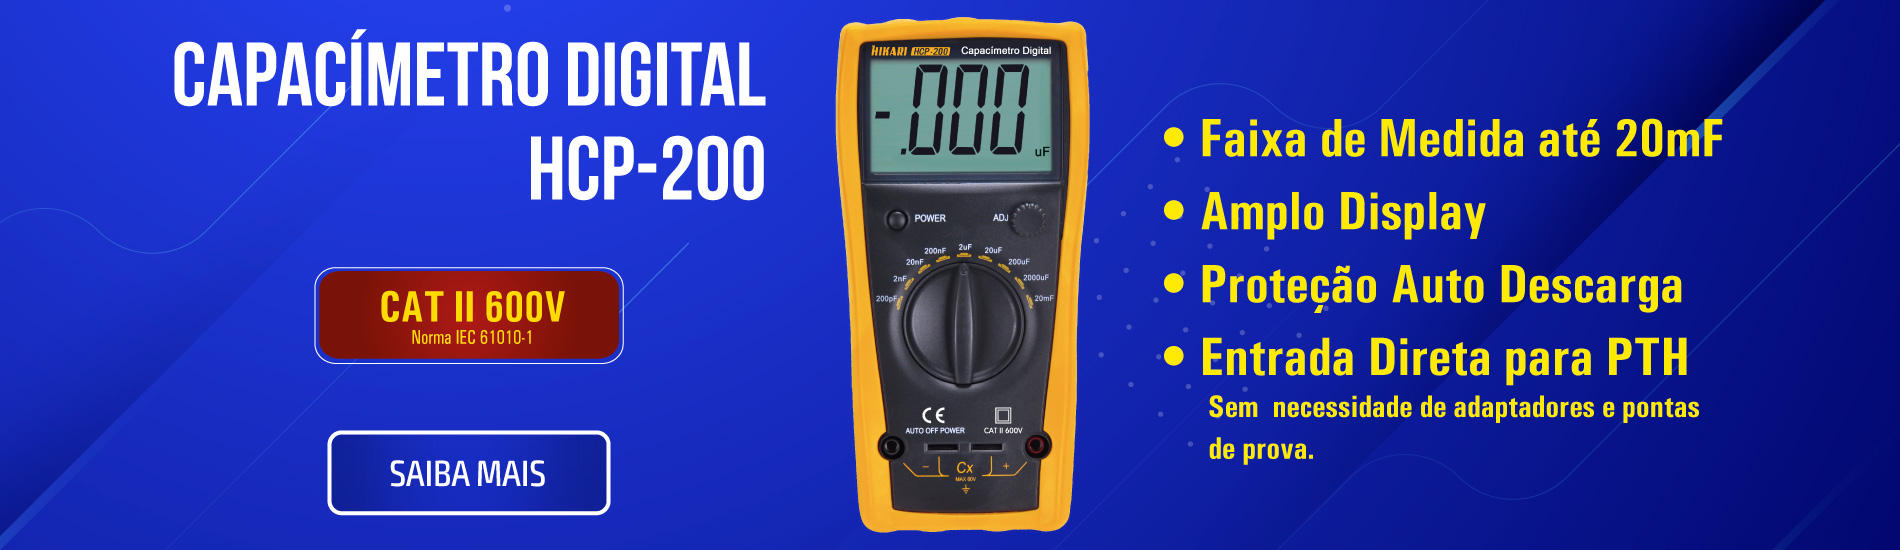 Capacímetro Digital Hikari HCP-200